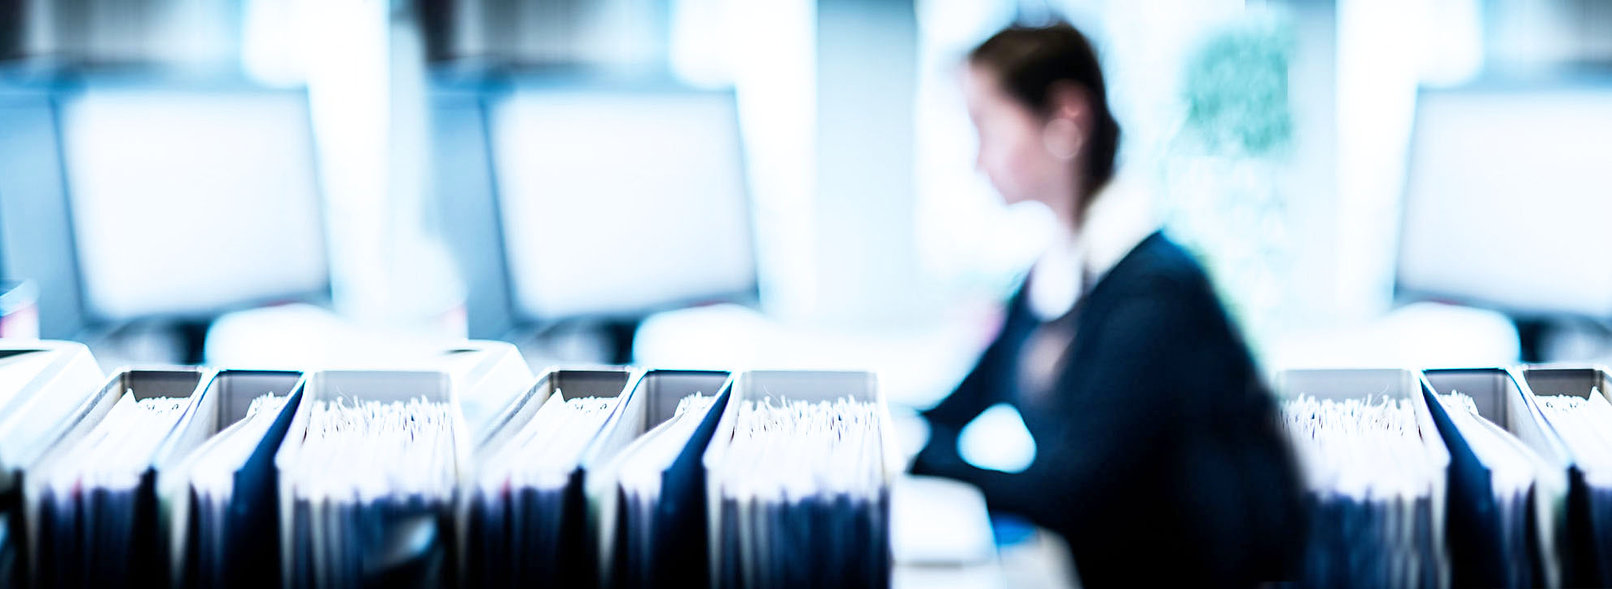 Junge Frau am Schreibtisch, Büro, Akten, bei der Arbeit